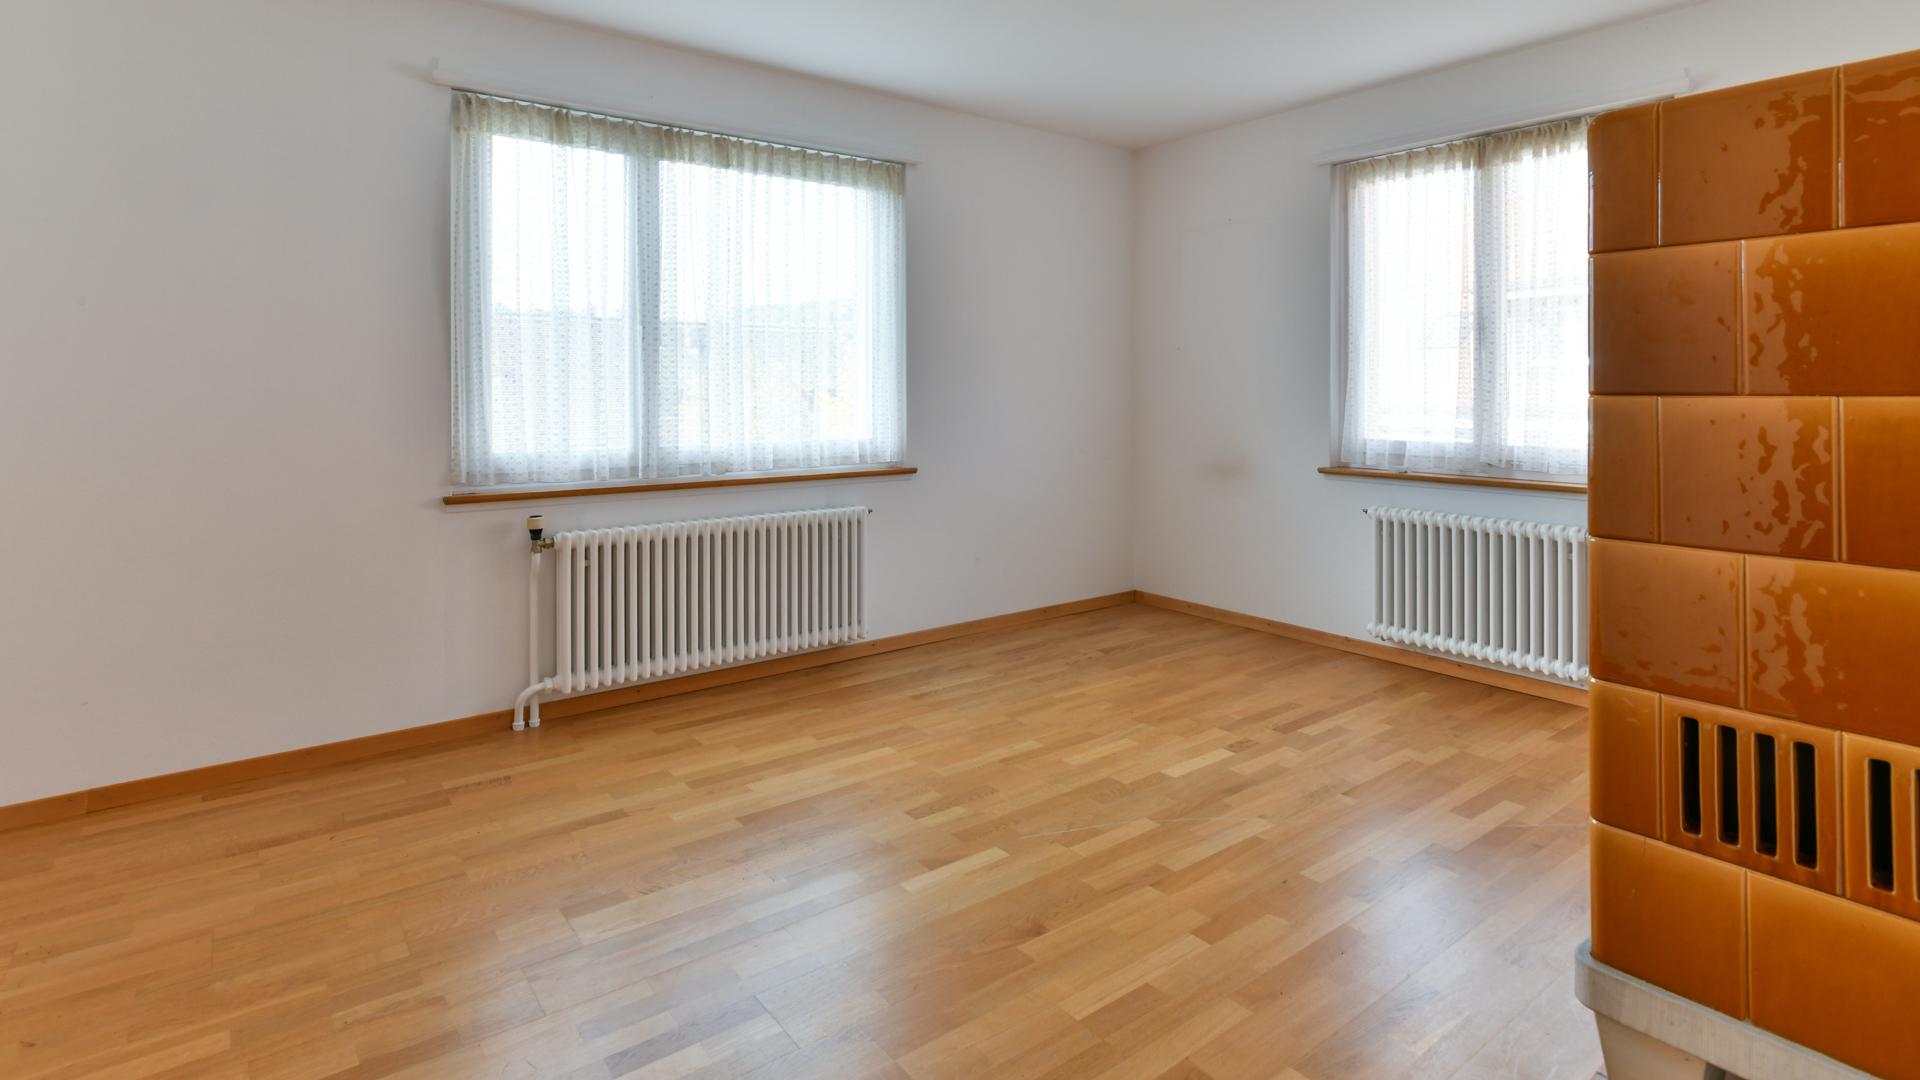 Gemütliches Wohnzimmer mit traditionellem Trittofen